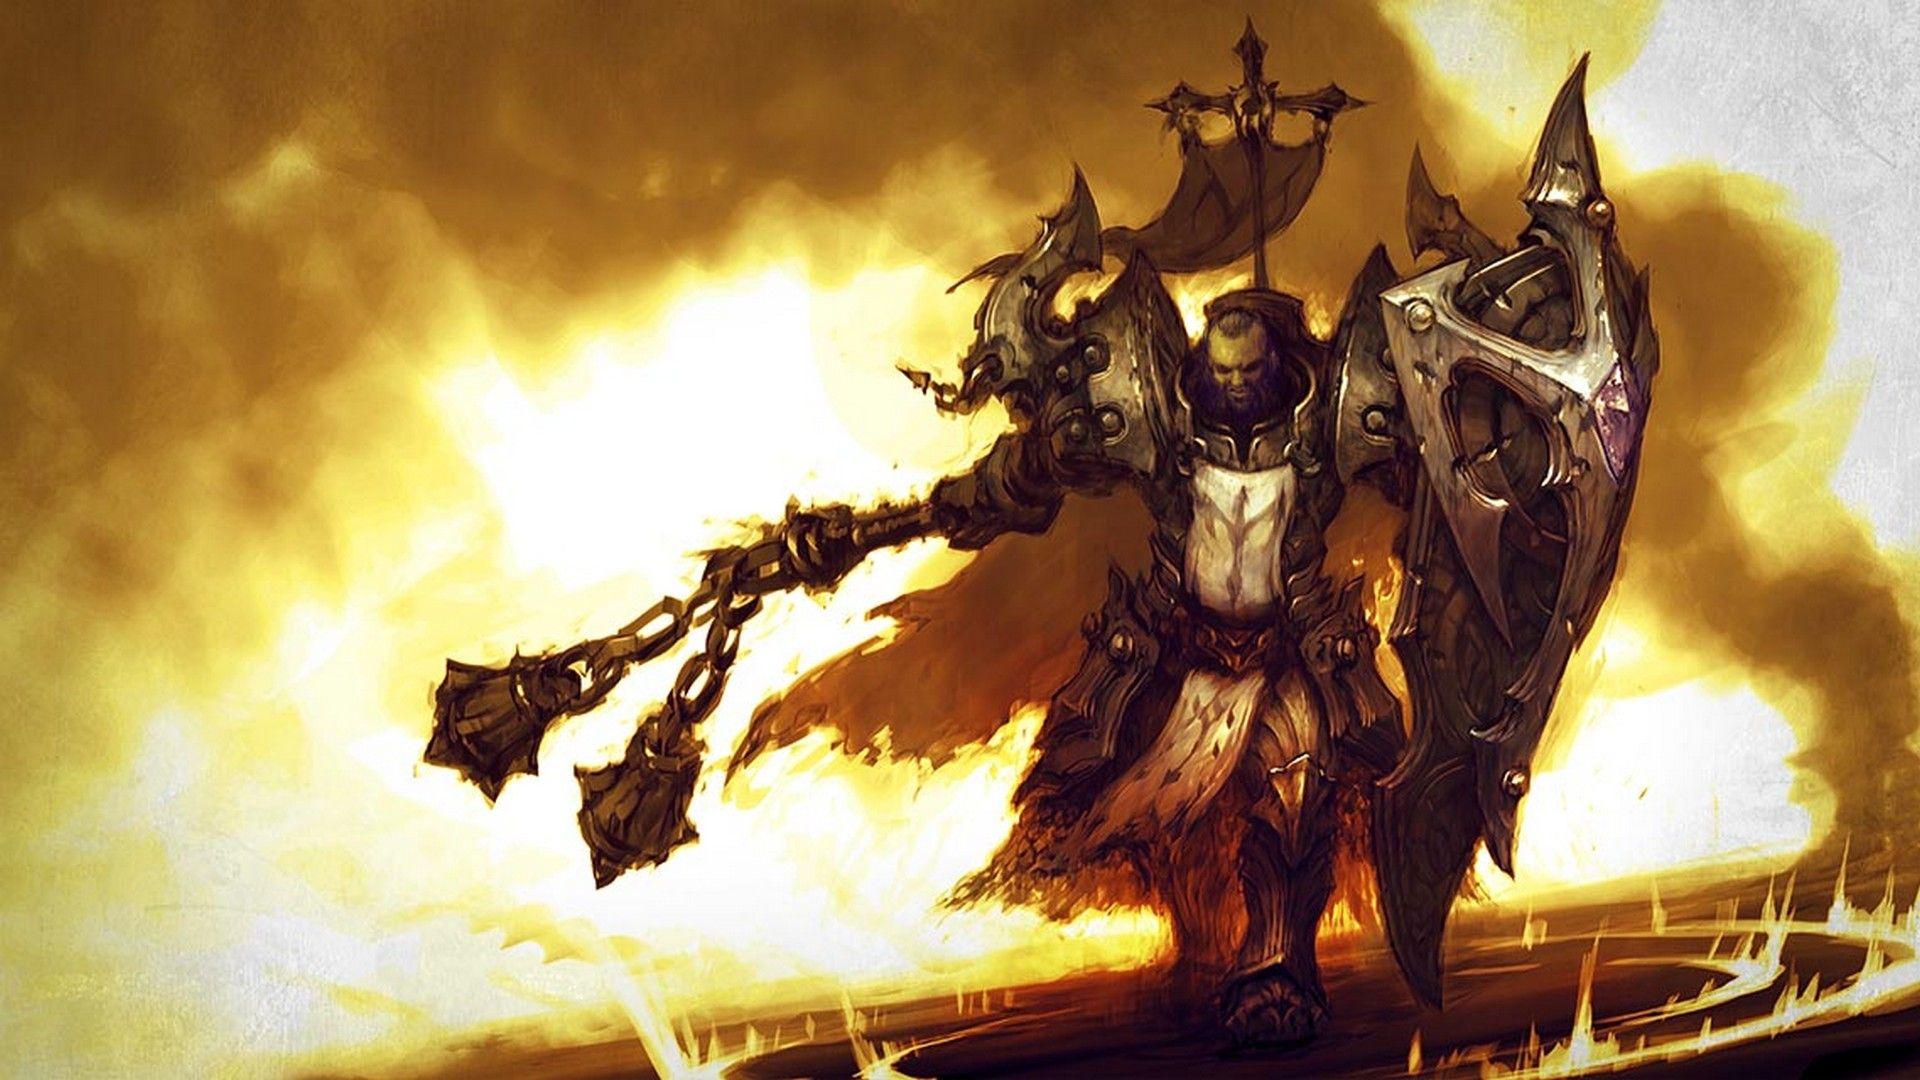 Diablo 3 Reaper Of Souls Crusader Hd Wallpaper Diablo Cavaleiros Medievais Medieval Rpg